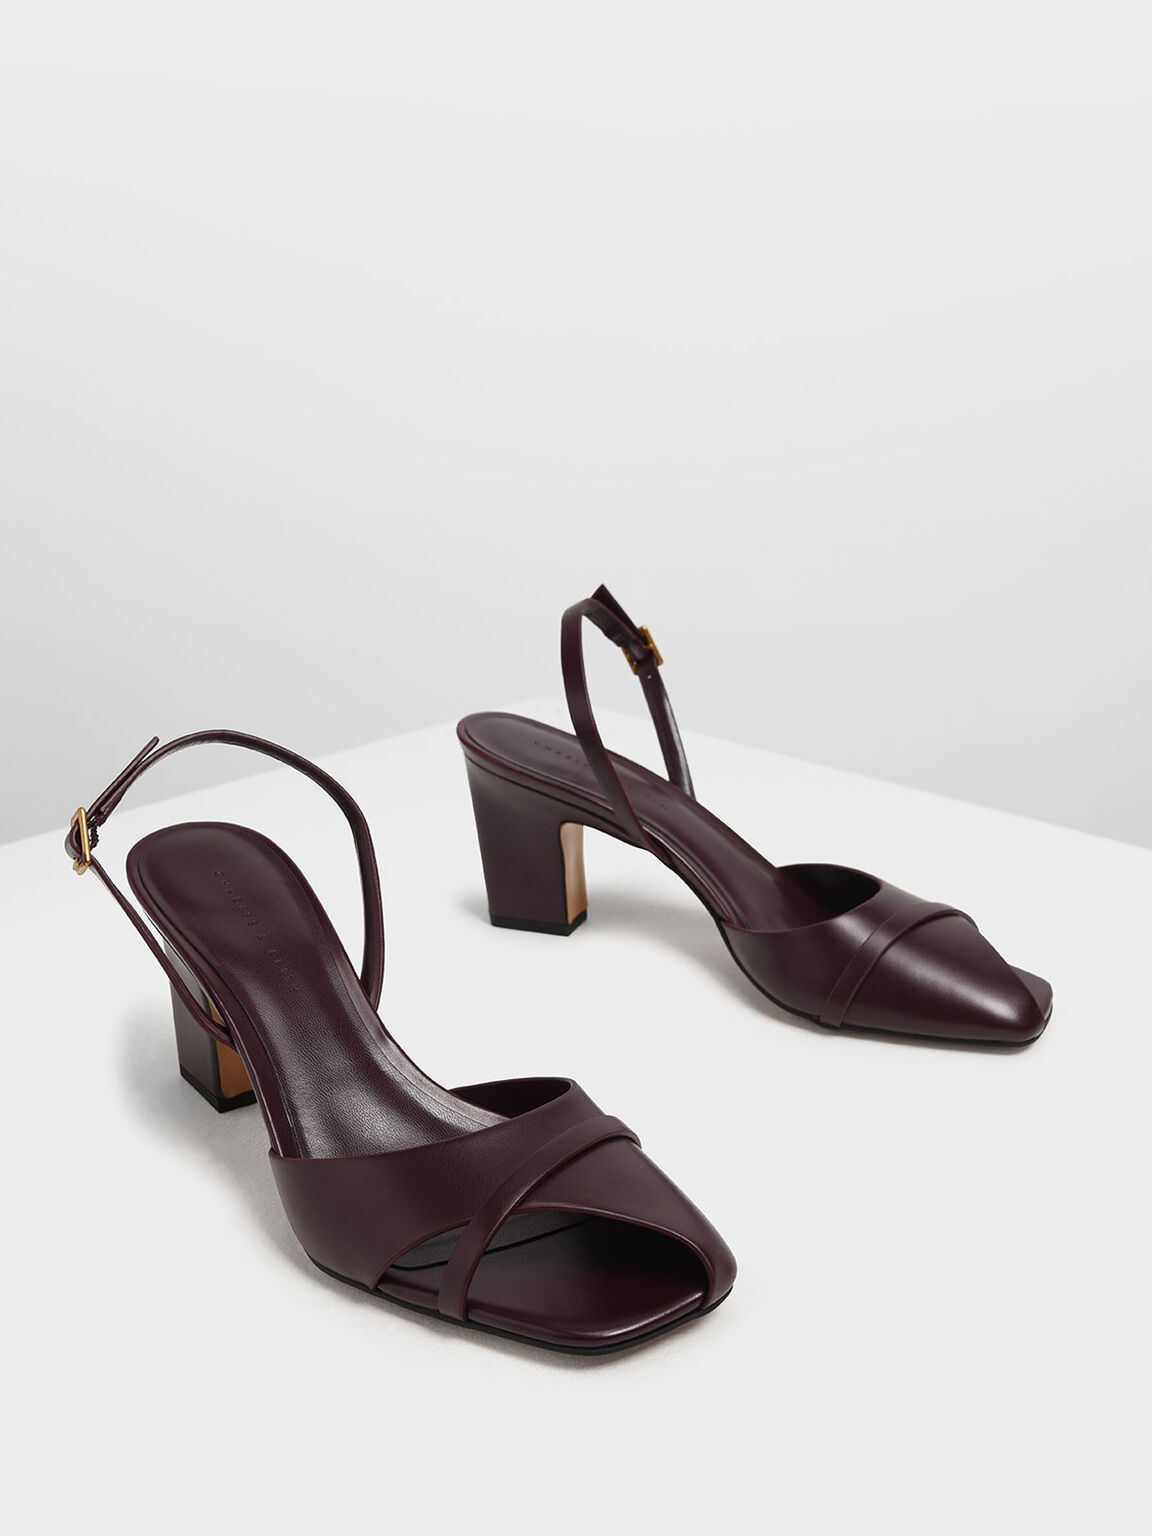 Asymmetrical Peep Toe Heels, Burgundy, hi-res